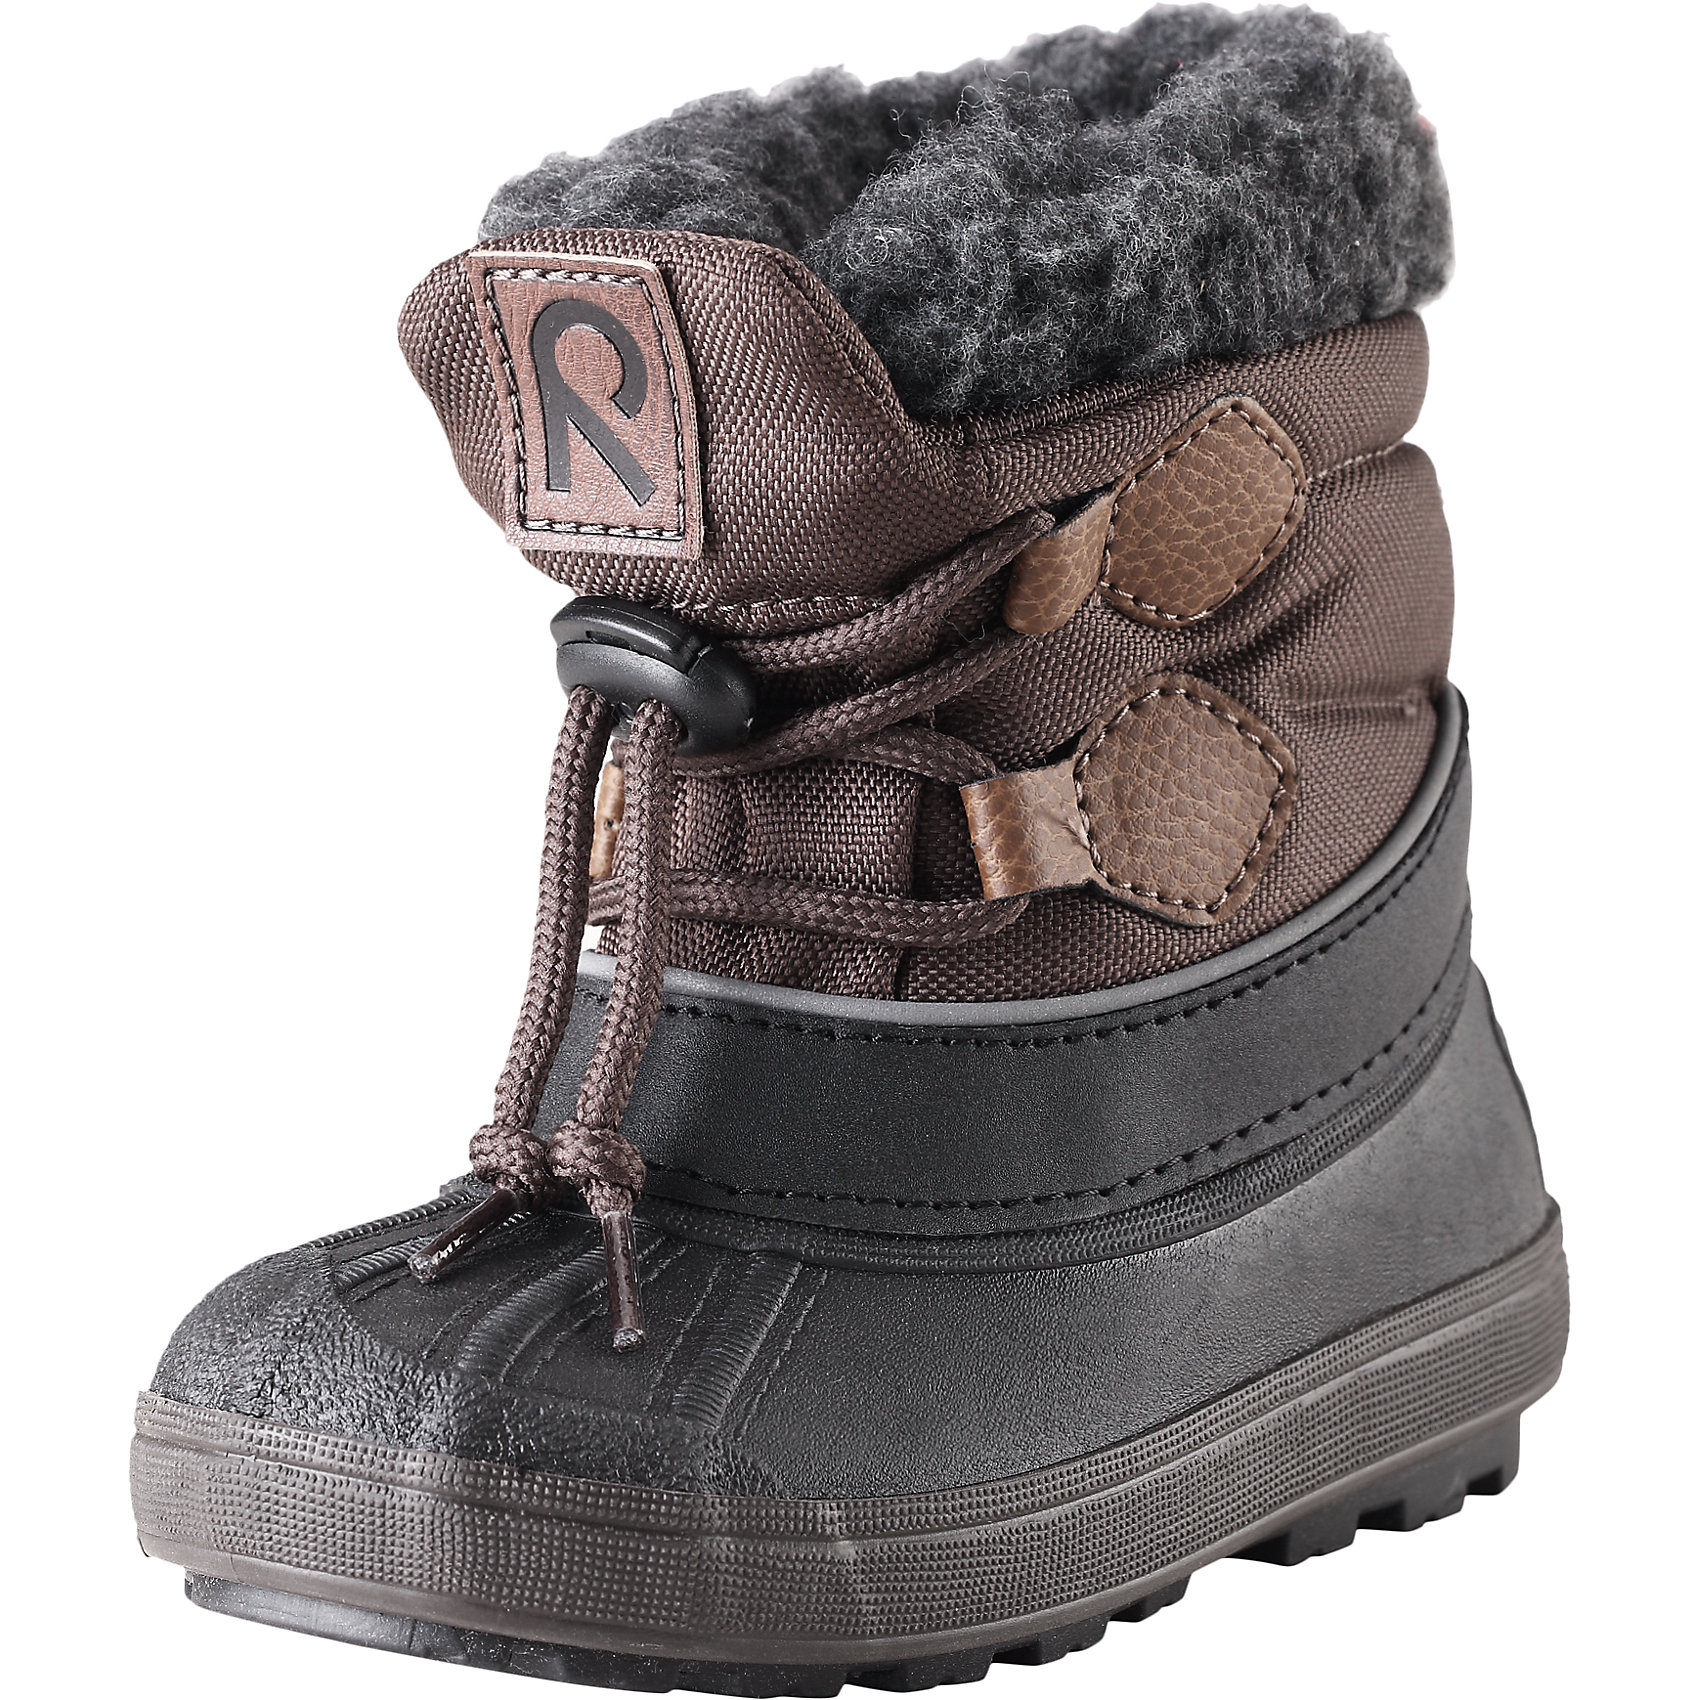 Сапоги Tirano для мальчика Reimatec® ReimaЗимние сапоги для мальчика Reimatec® от финской марки Reima.<br>Зимние сапоги для детей. Водоотталкивающая зимняя обувь с водонепроницаемыми галошами. Верх из водостойкого текстиля/микрофибры. Подошва из термопластичного каучука обеспечивает хорошее сцепление с поверхностью. Подкладка из смеси шерсти. Съемный носок. Сделано в Италии. Легкие и водонепроницаемые литые галоши. Алюминиевая стелька для улучшенной теплоизоляции. Светоотражающие детали. Без ПХВ.<br>Уход:<br>Храните обувь в вертикальном положении при комнатной температуре. Сушить обувь всегда следует при комнатной температуре: вынув съемные стельки. Стельки следует время от времени заменять на новые. Налипшую грязь можно счищать щеткой или влажной тряпкой. Перед использованием обувь рекомендуется обрабатывать специальными защитными средствами.<br>Состав:<br>Подошва: EVA, резина, верх: 90% ПЭ, 10% ПУ<br><br>Ширина мм: 262<br>Глубина мм: 176<br>Высота мм: 97<br>Вес г: 427<br>Цвет: коричневый<br>Возраст от месяцев: 9<br>Возраст до месяцев: 12<br>Пол: Мужской<br>Возраст: Детский<br>Размер: 32,24,22,20,30,26,28,34<br>SKU: 4776967